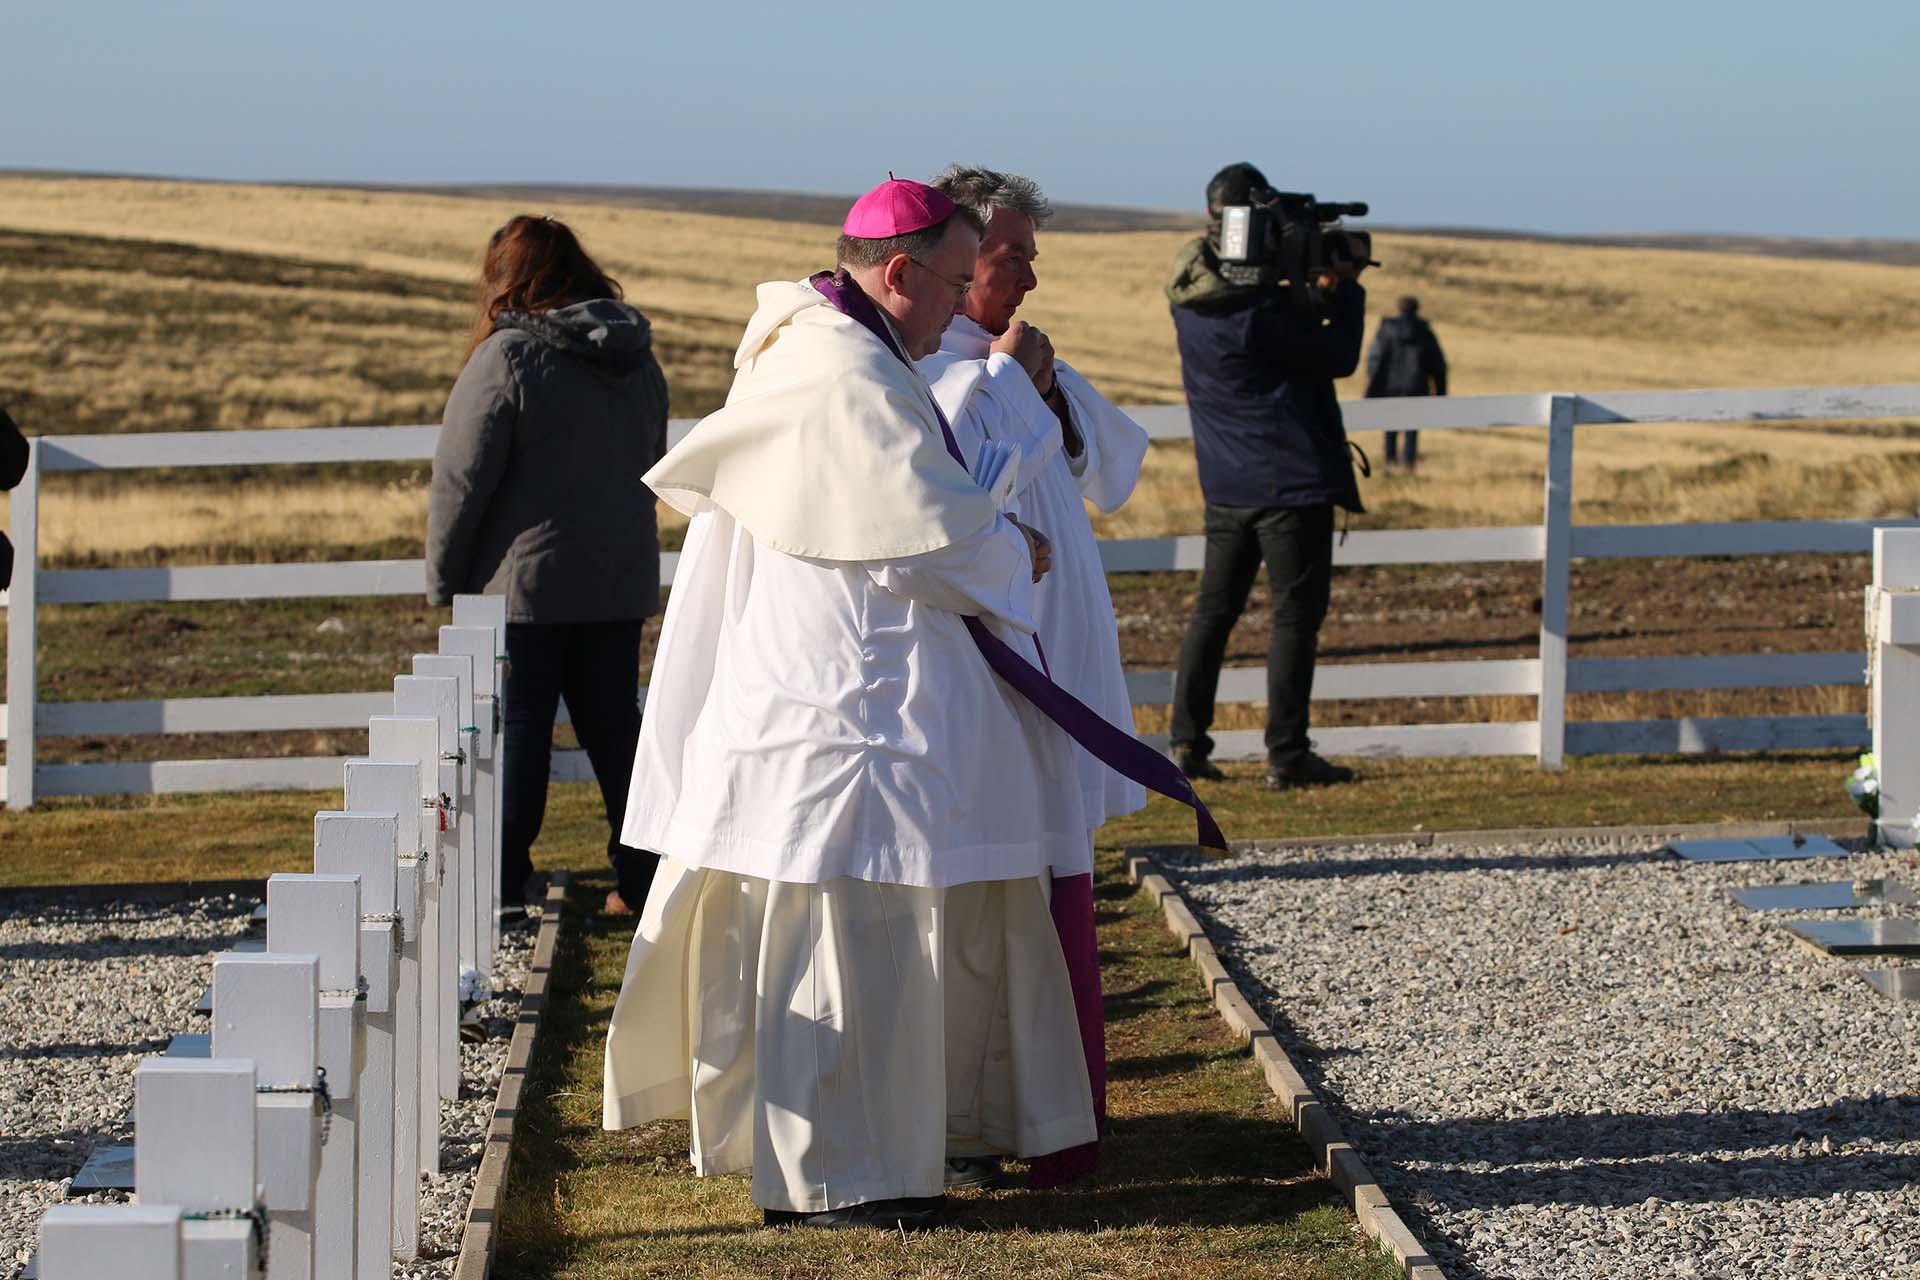 Durante la ceremonia religiosa se leyó la Liturgia de la Palabra (lectura del Santo Evangelio según San Juan, y se ofreció la comunión